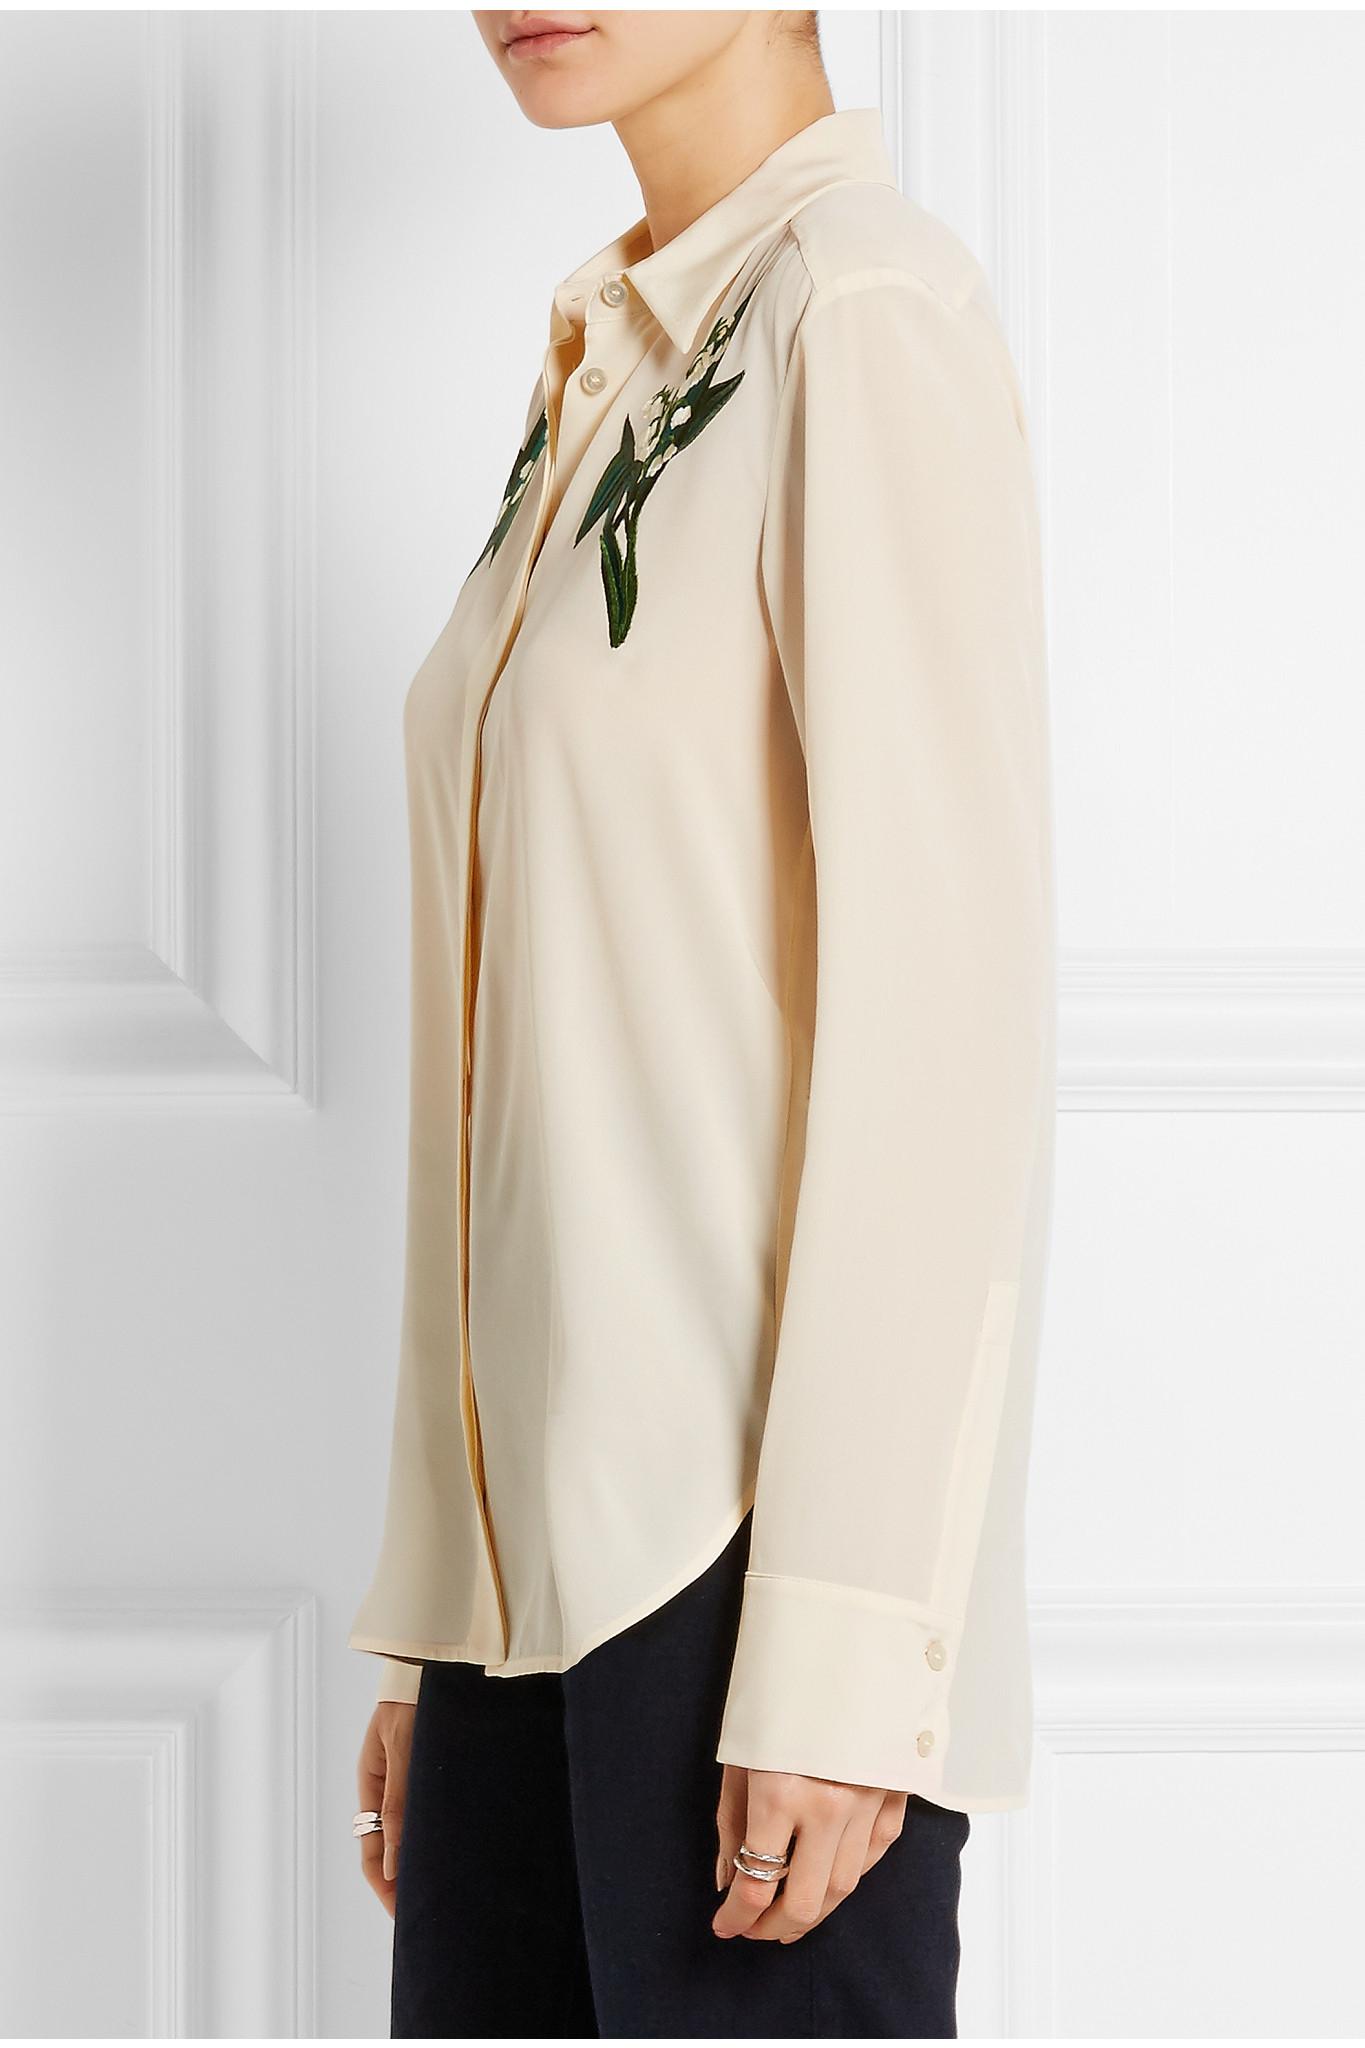 66cab15270 Stella McCartney - Embroidered Silk Crepe De Chine Shirt - Ecru in ...